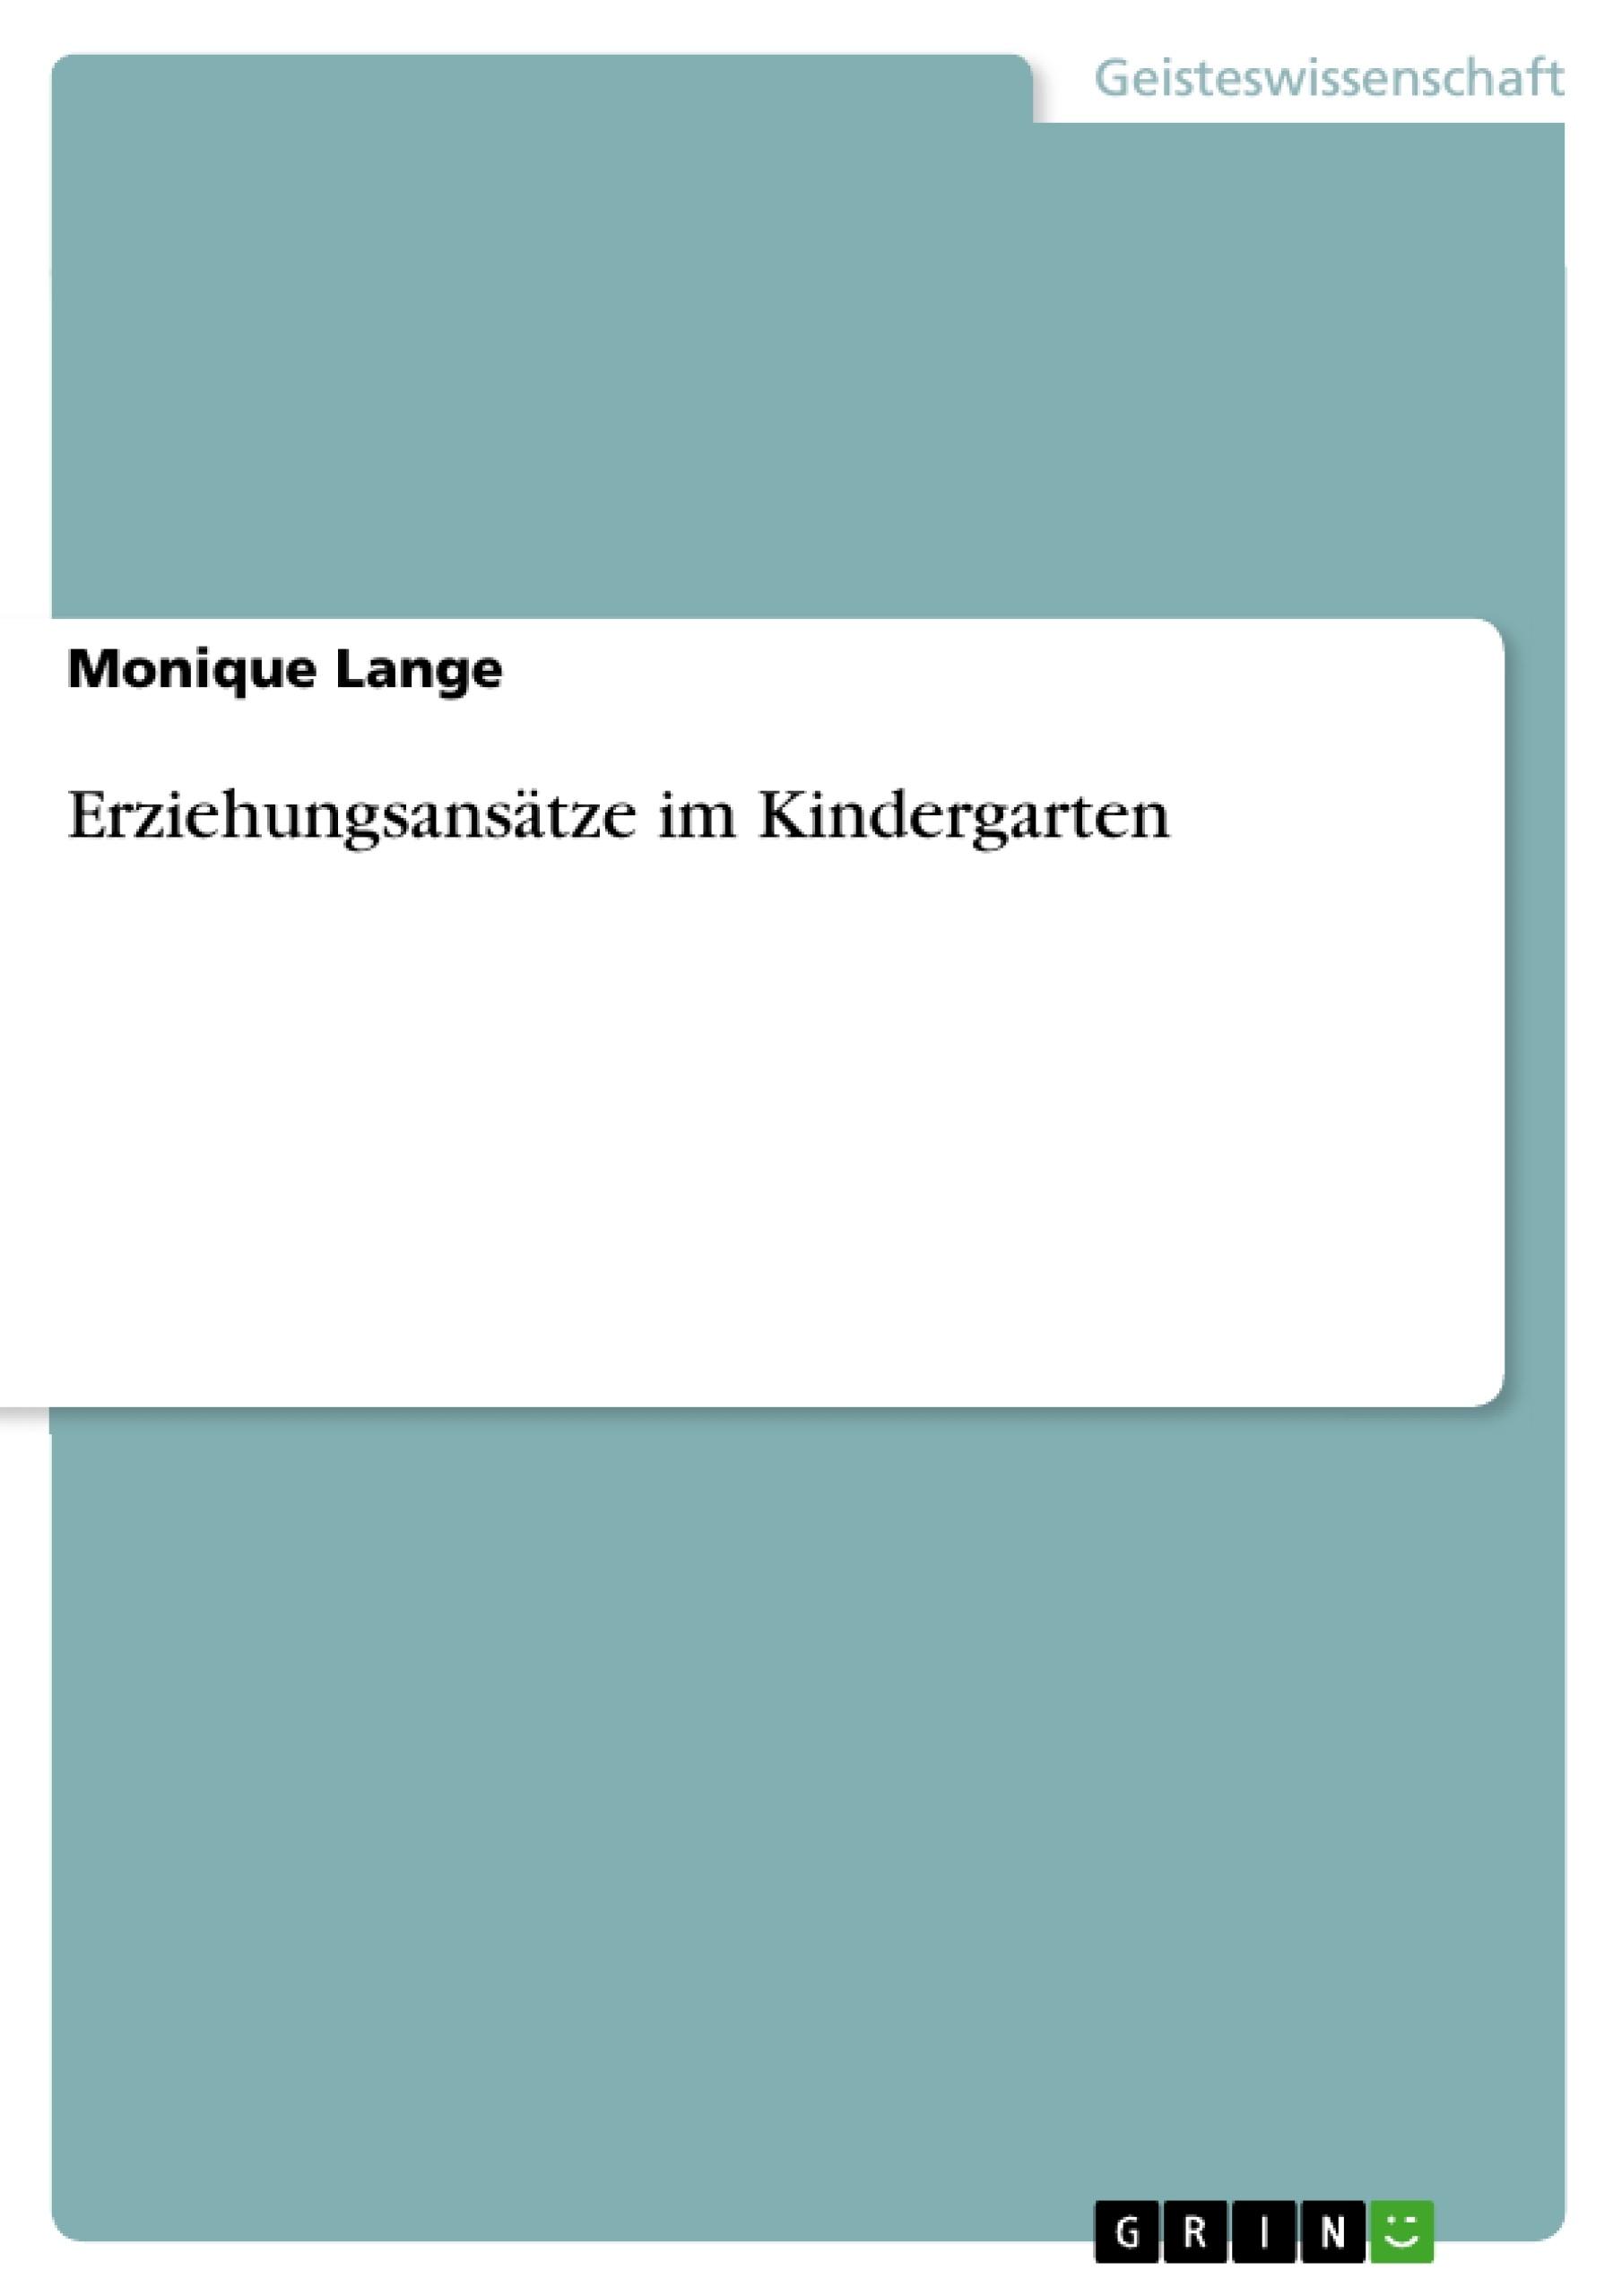 Erziehungsansätze im Kindergarten | Hausarbeiten publizieren